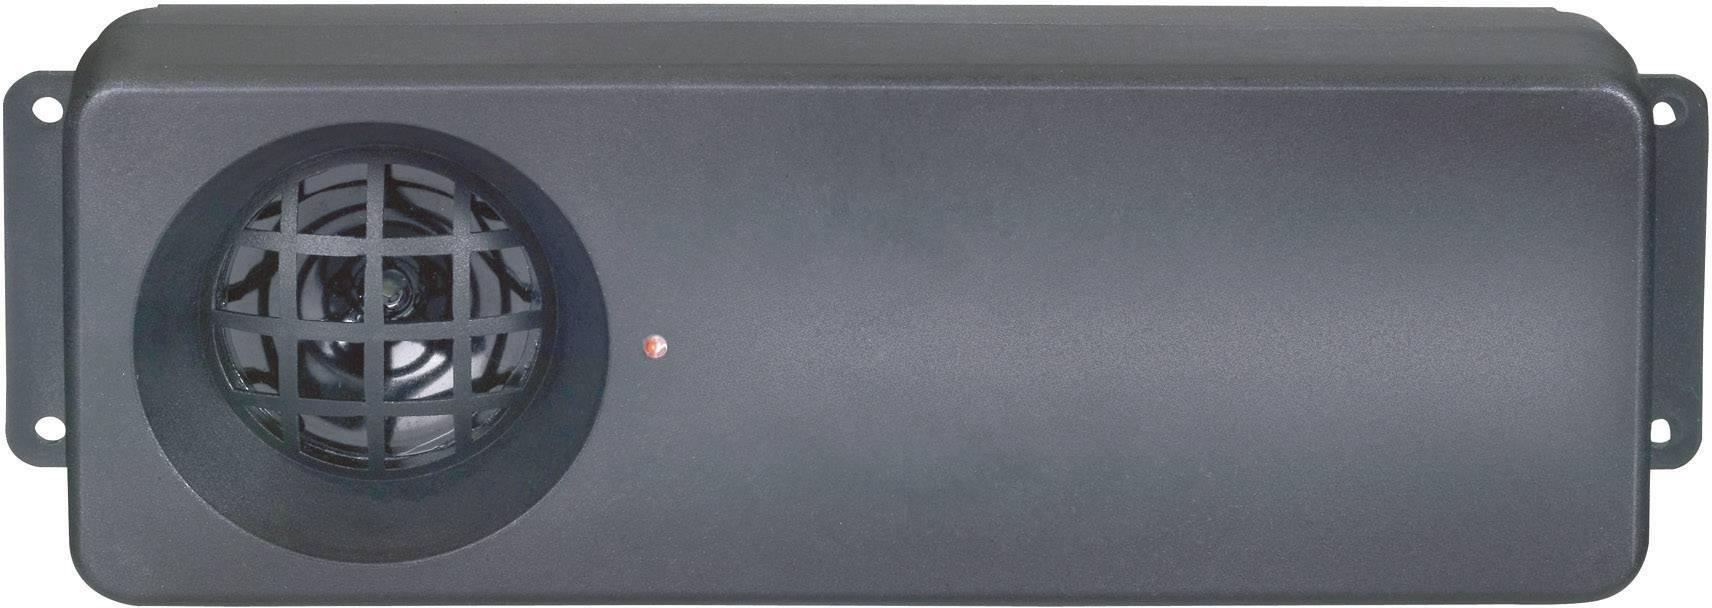 Vysokovýkonný ultrazvukový generátor